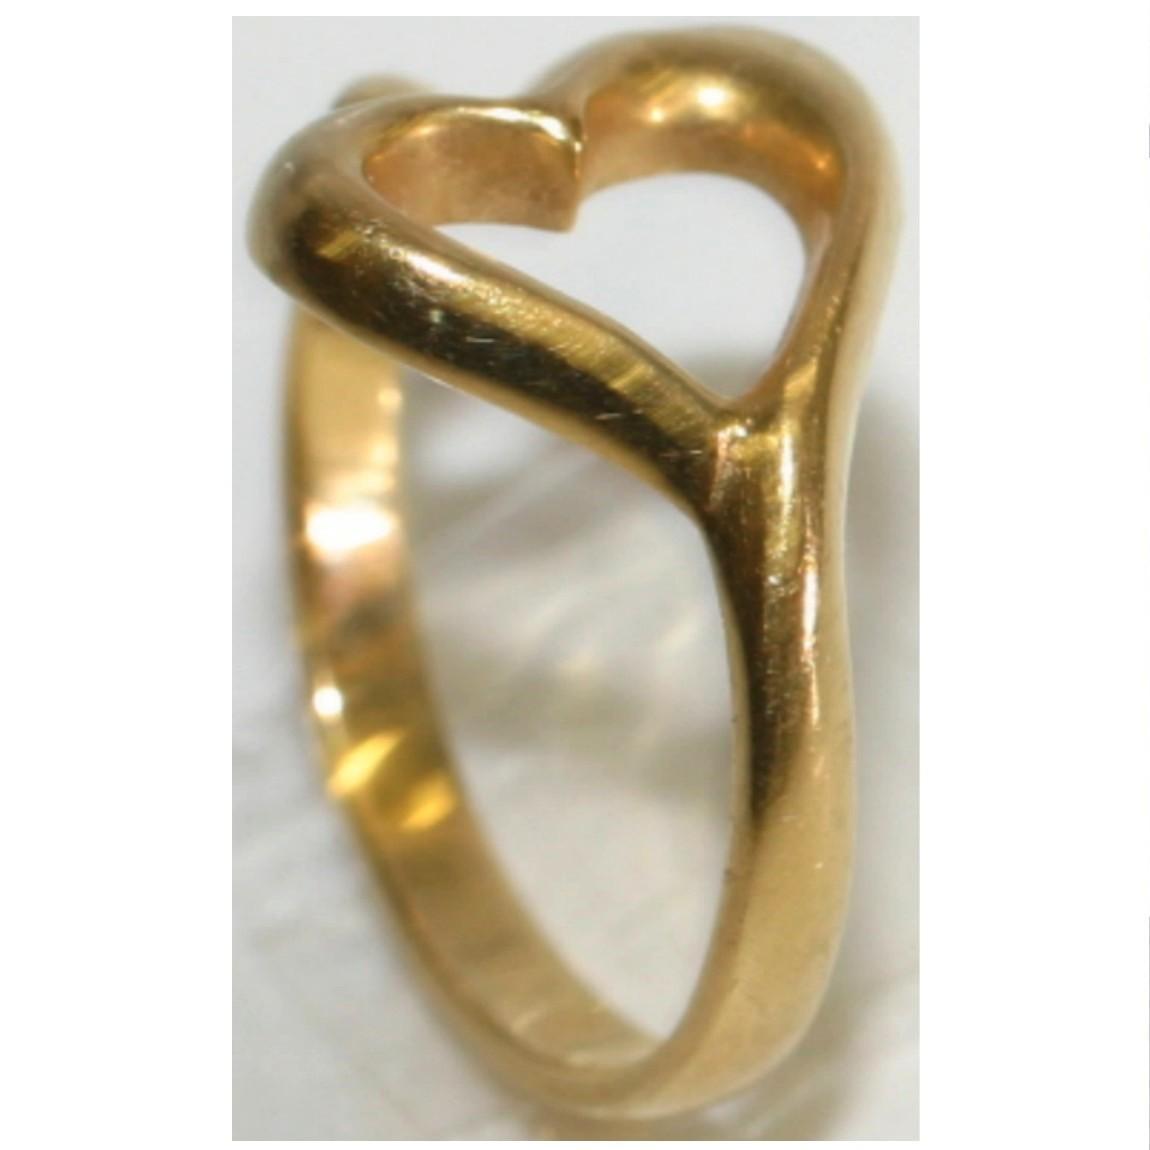 【中古】ハートの形のトップのついたK18YGイエローゴールドの指輪 重さ2,8g 日本サイズ9号 20200422-3